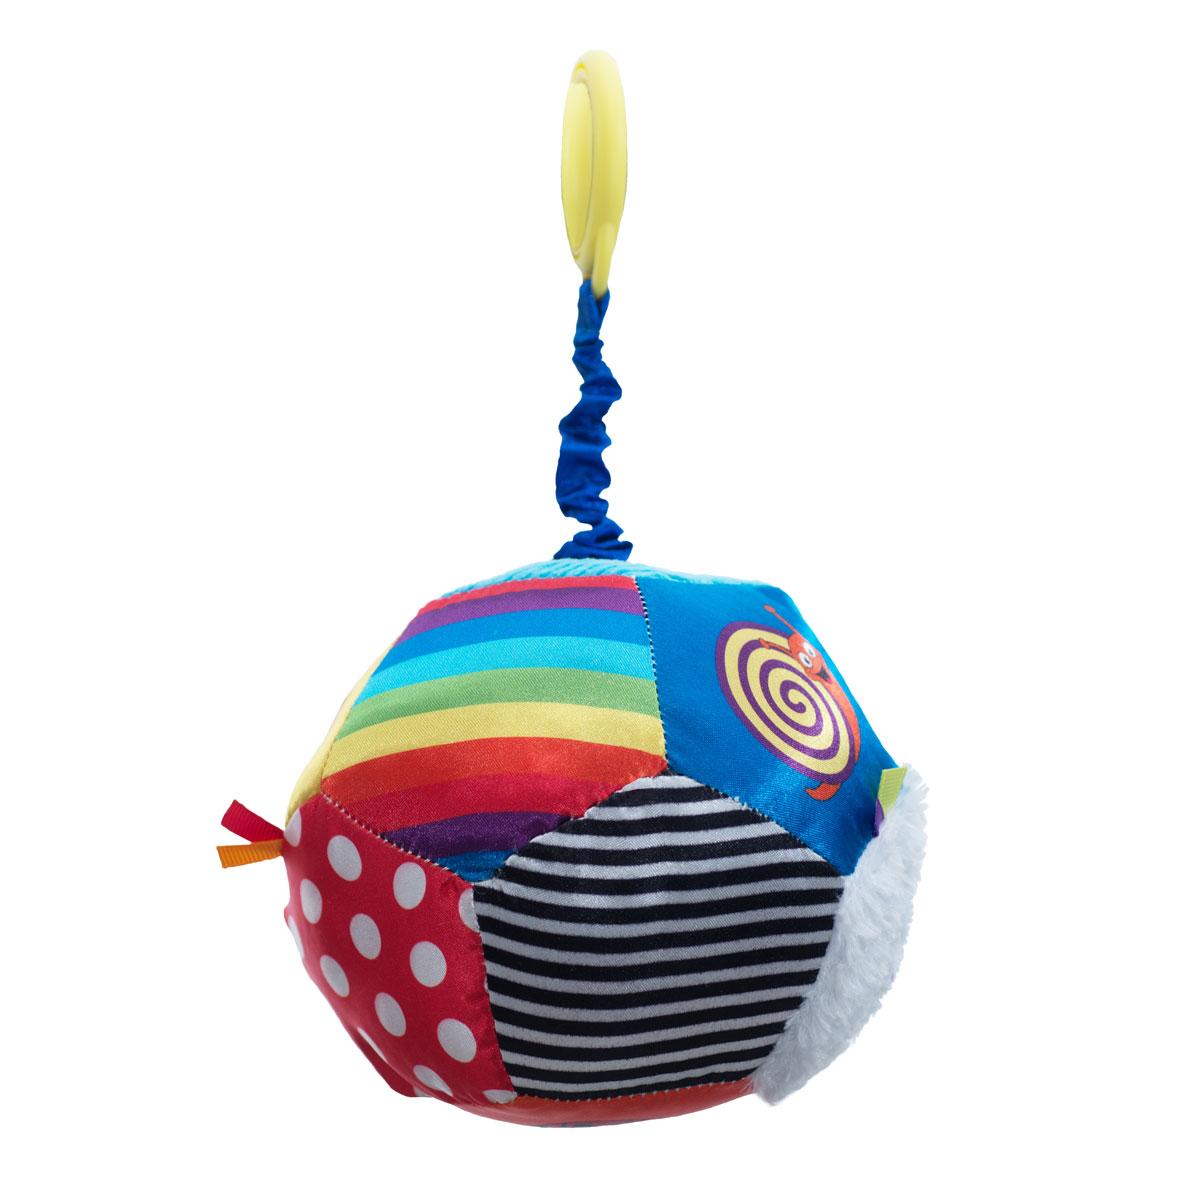 WeeWise Подвесная игрушка для коляски и автокресла - Мяч Открытие20114Игрушка крепится к козырьку –тенту прогулочной коляски или к ручке детского автокресла категории 0+. Поверхность мяча выполнена из материалов различного цвета и фактуры. Игрушка снабжена пружинным вибрирующим механизмом, способствует развитию зрительного, слухового и тактильного восприятия. Стимулирует хватательные навыки ребенка, помогает тренировке мелкой моторики рук.